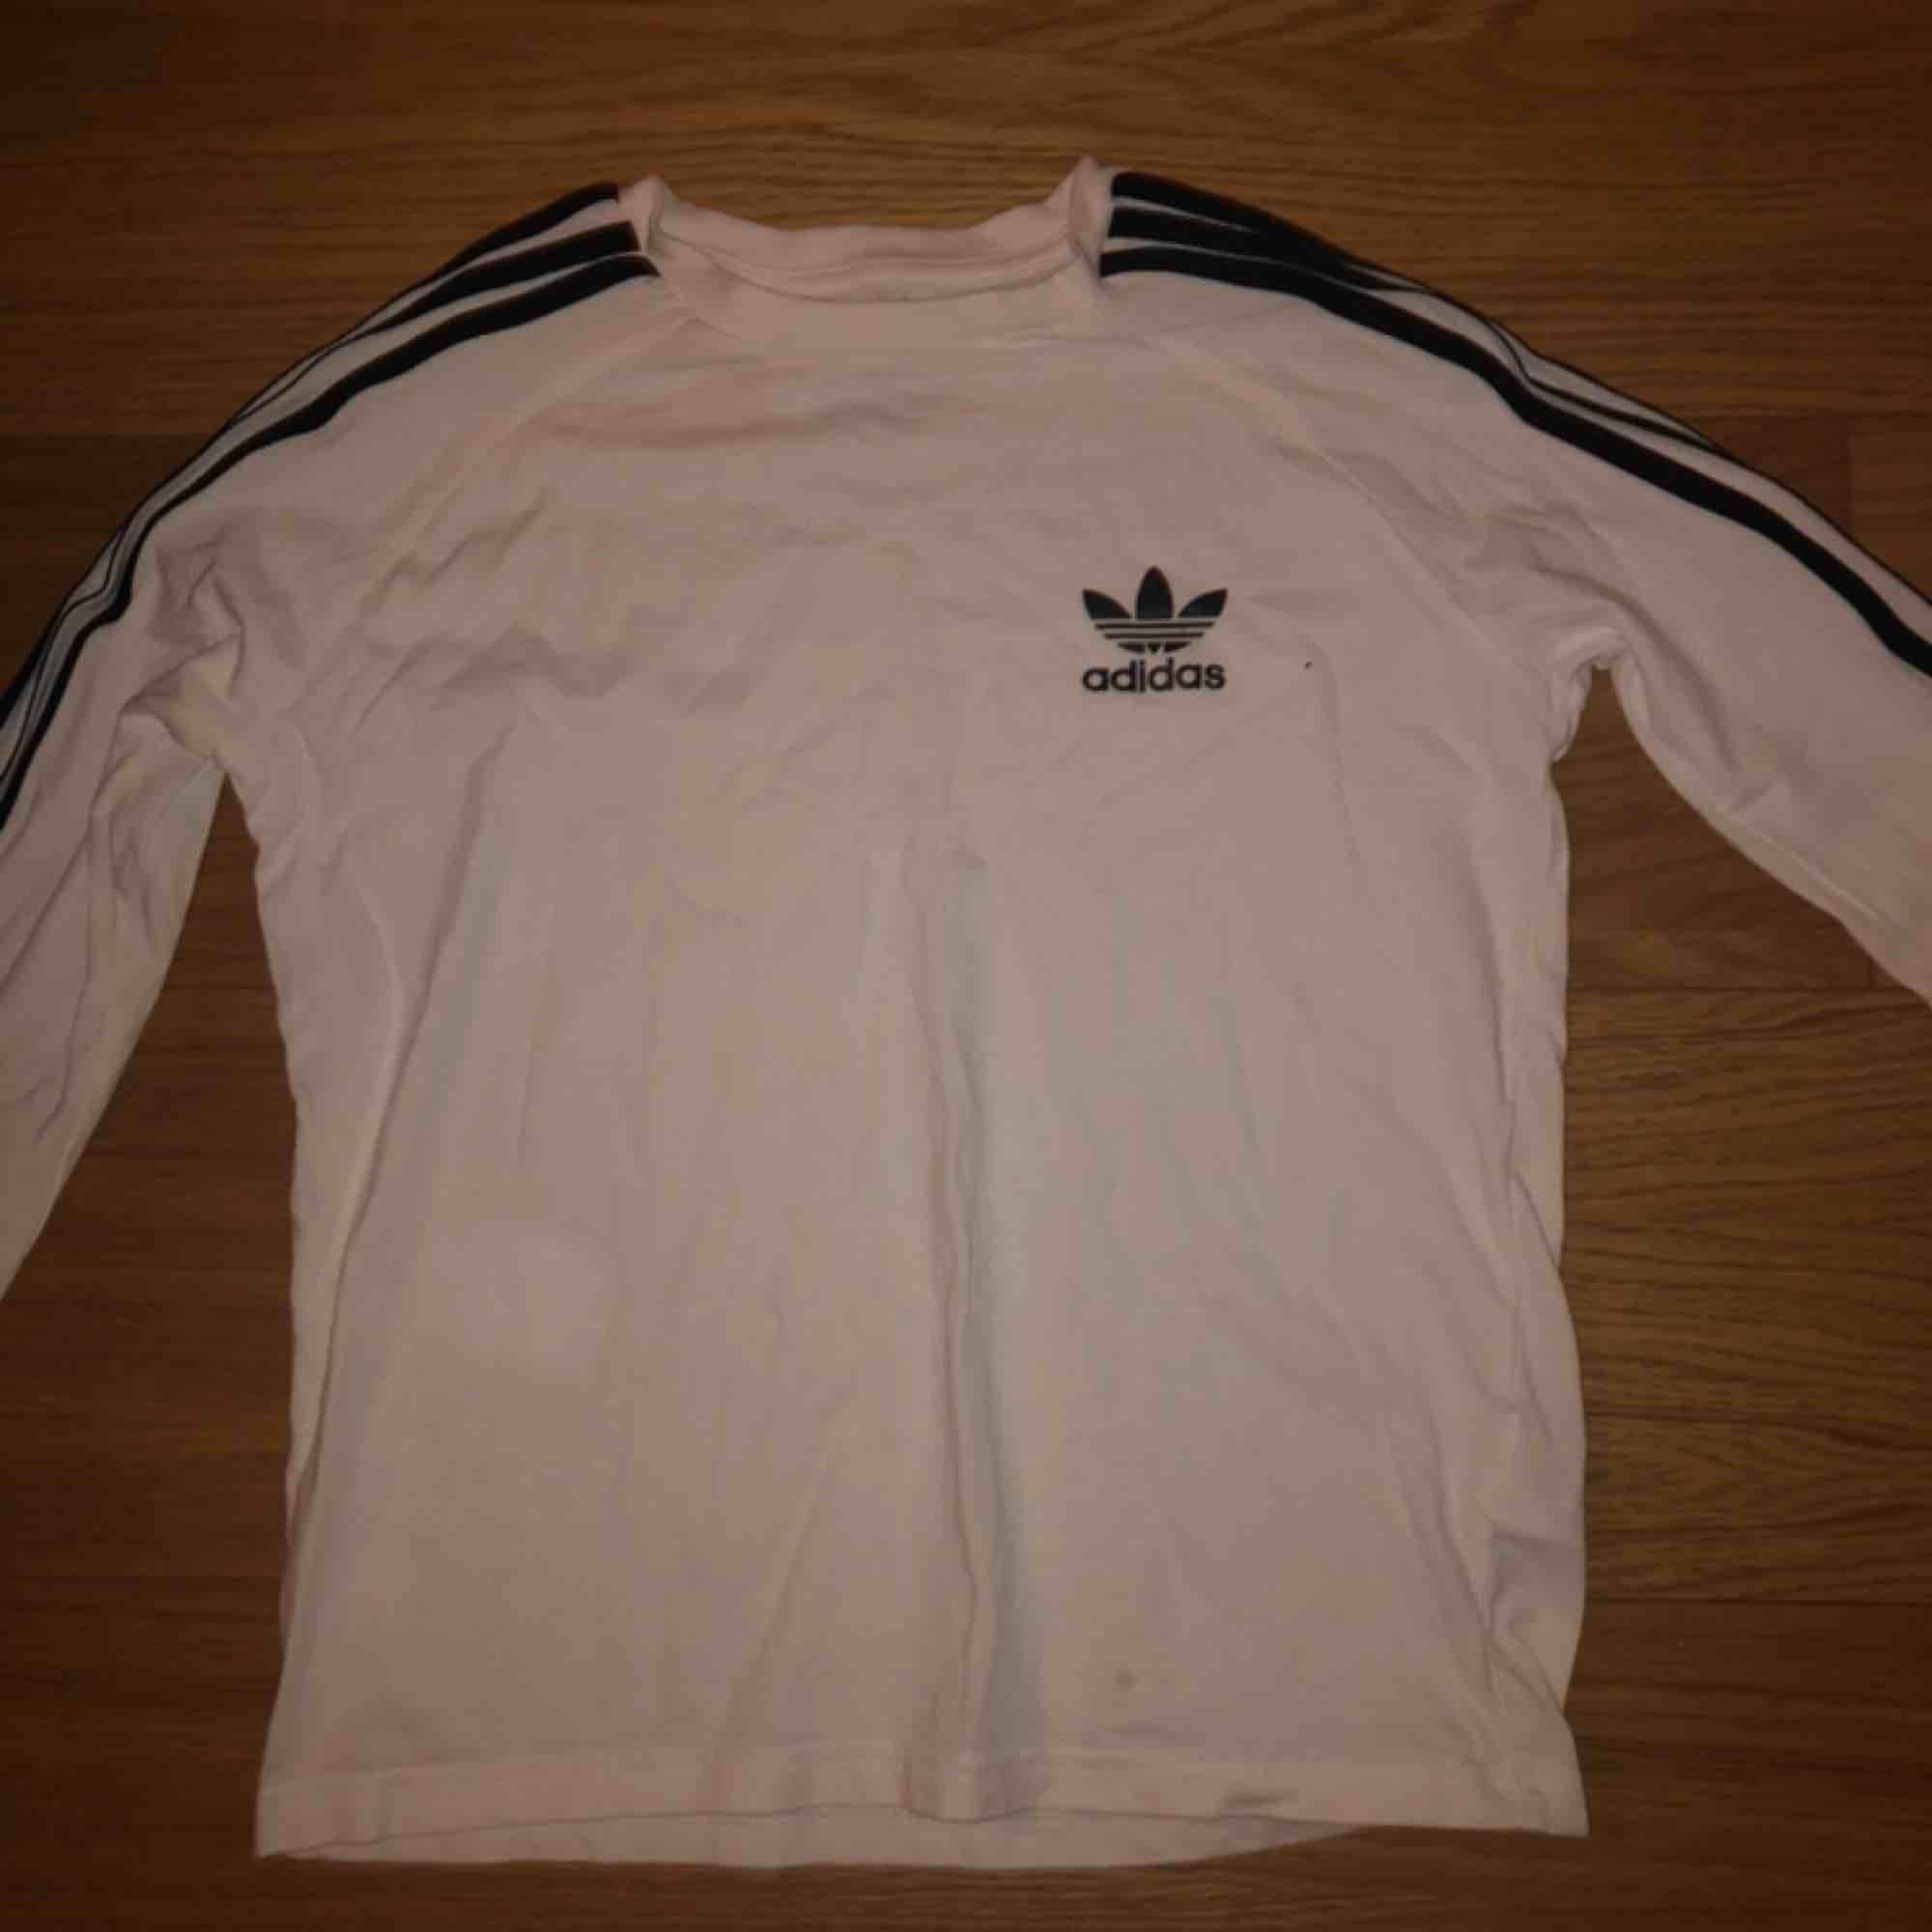 Vit adidas originals tröja, superfint skick😊 använd endast en gång🤩 säljs pga ingen användning🤩. Tröjor & Koftor.